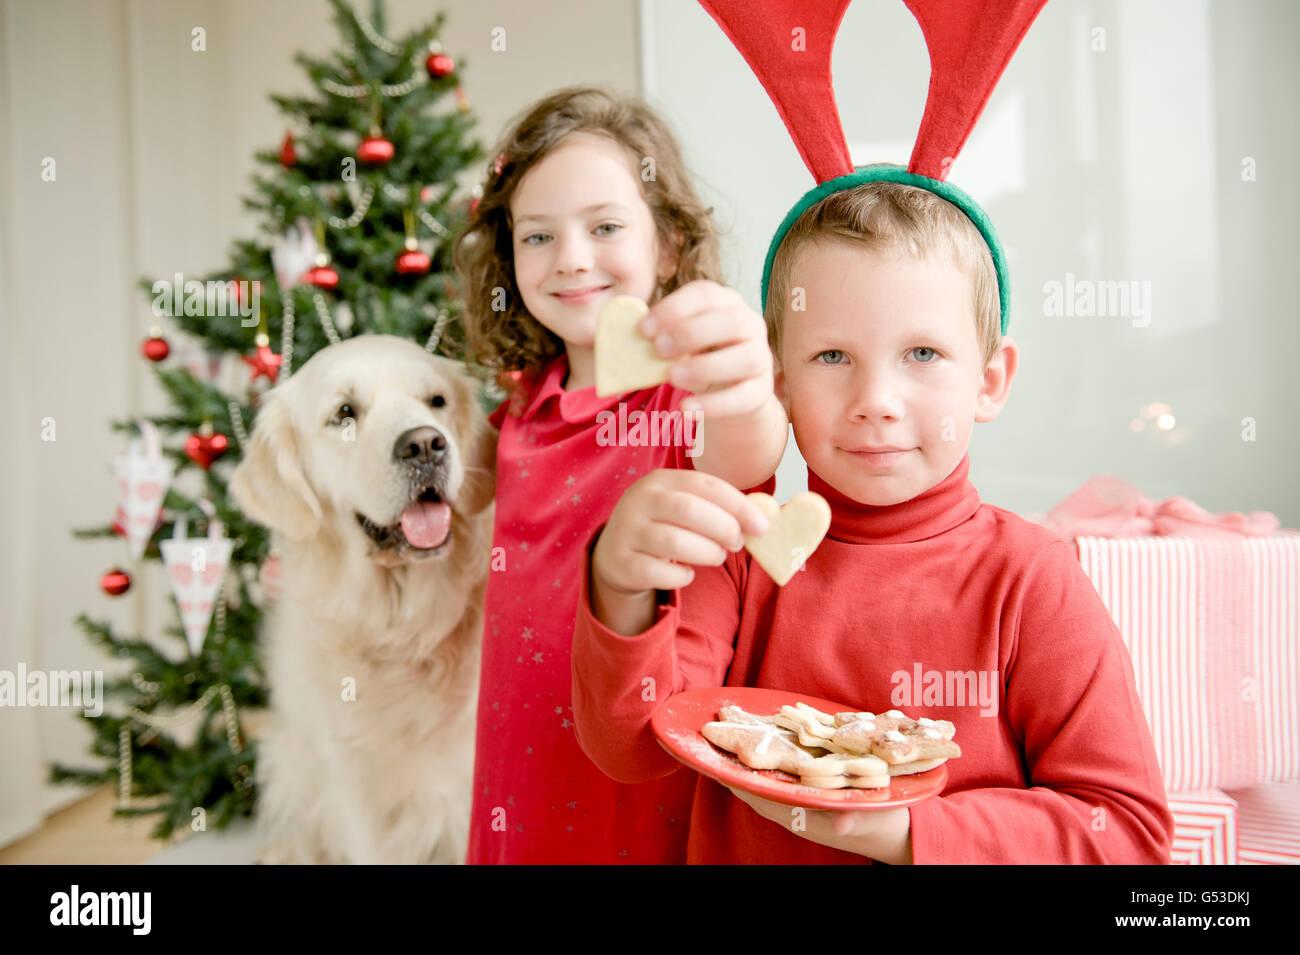 Ein Mädchen und einen jungen Elch Geweih Essen Weihnachtsplätzchen ...